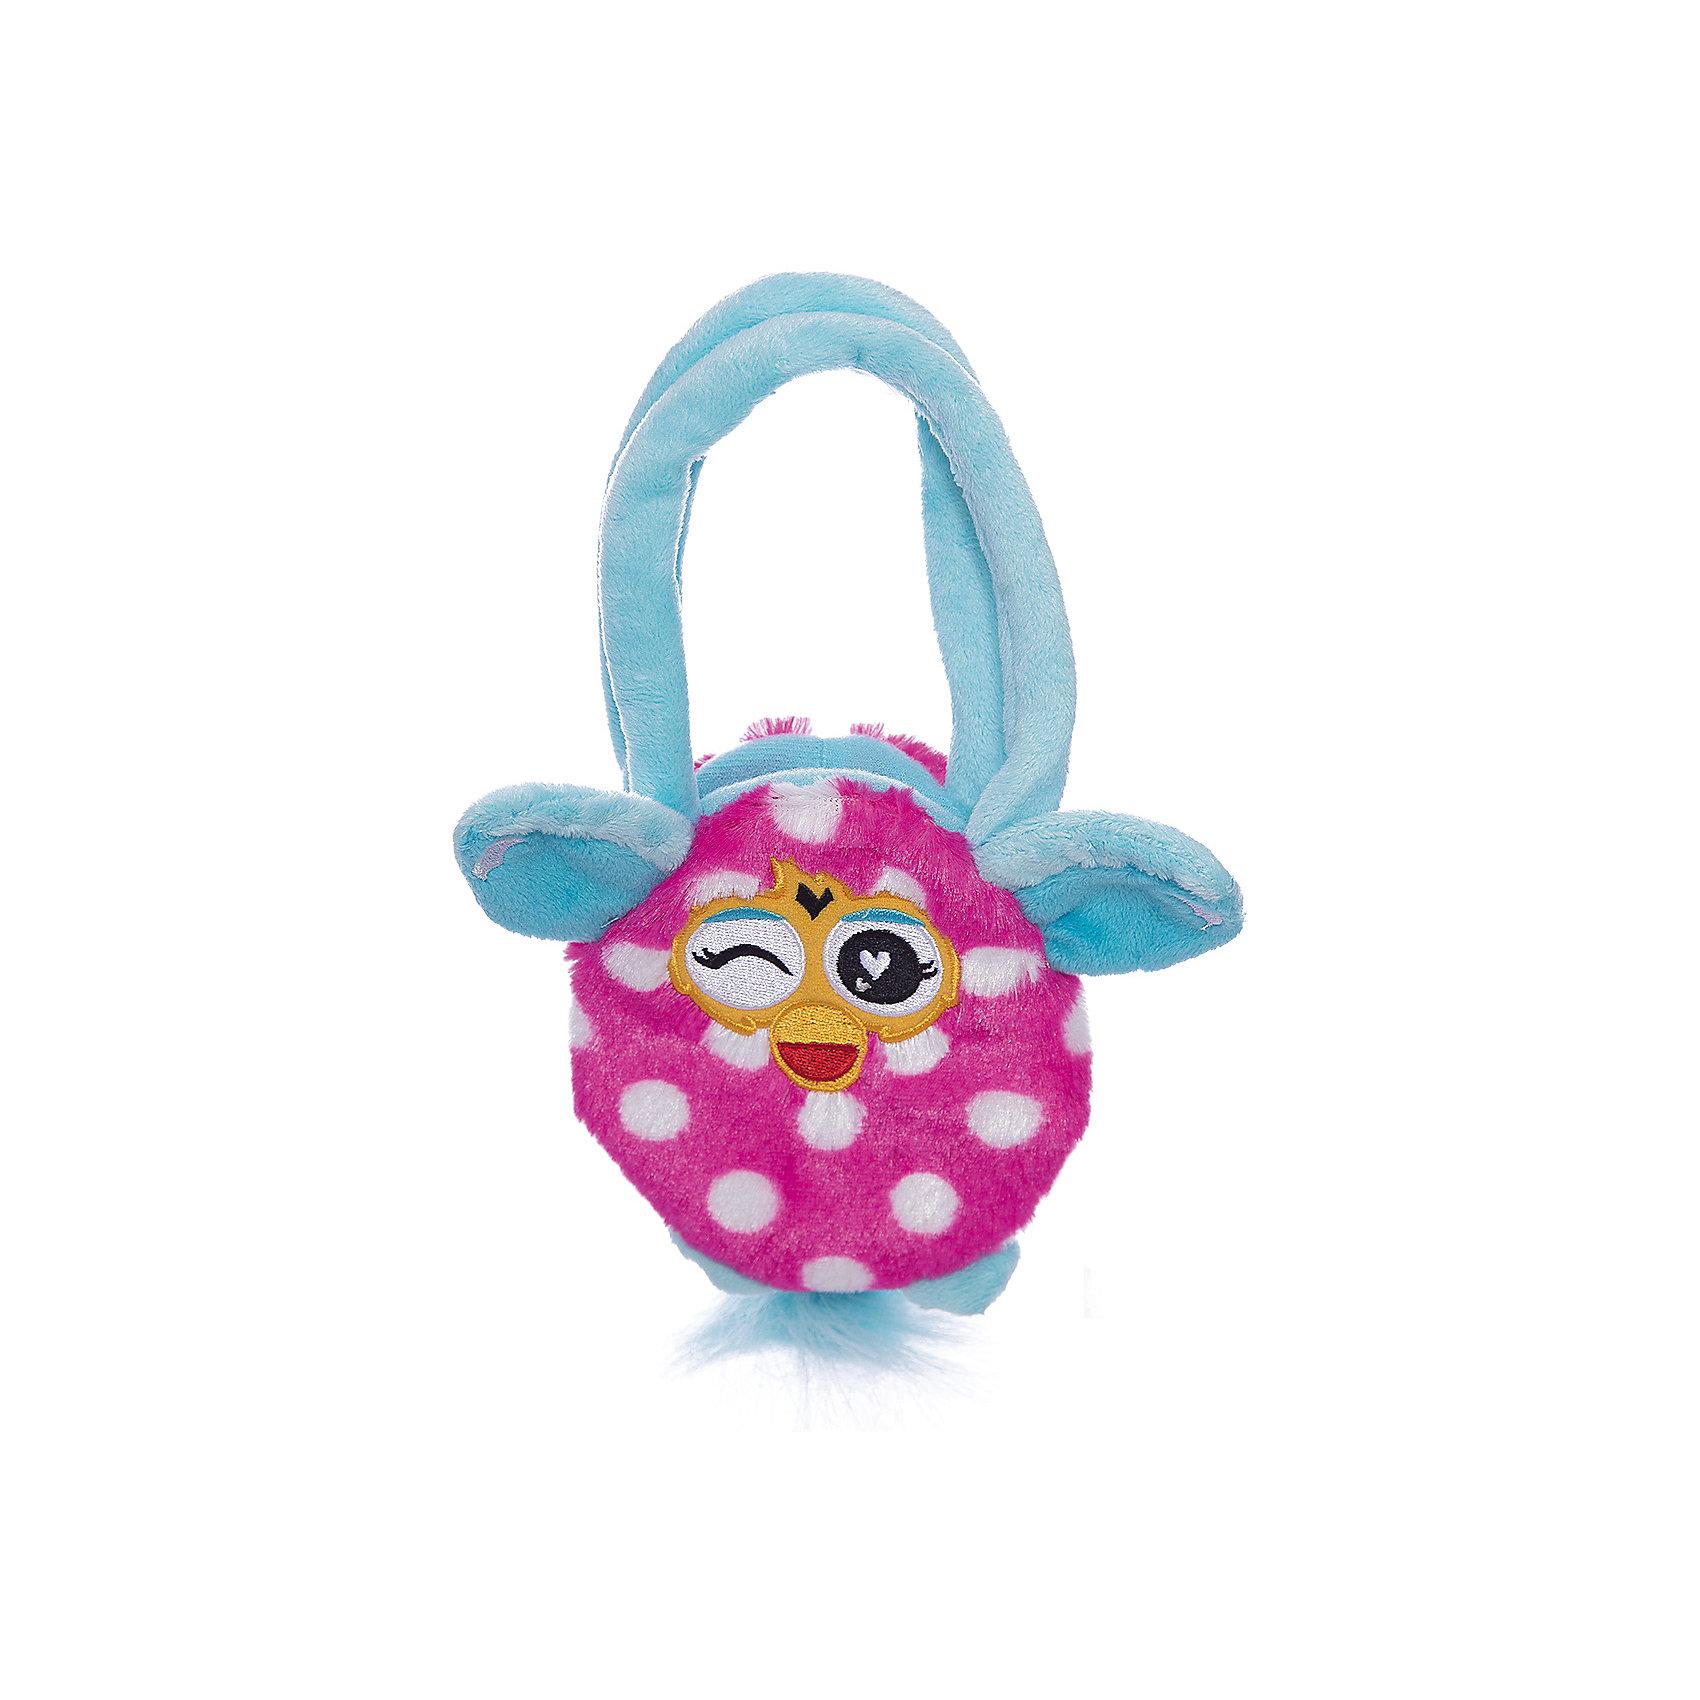 Furby сумочка 12 см, в горошек, 1ToyЧудесная плюшевая сумочка Furby не оставит равнодушной ни одну девочку. Она замечательно подойдет для прогулок, поездок и путешествий, а также в качестве забавной мягкой игрушки. Сумочка выполнена в виде очаровательного Ферби и ее внешний вид абсолютно идентичен популярной интерактивной игрушке. У Ферби яркая розовая расцветка в горошек, голубые ушки и лапки. Качественный плюшевый материал сумочки очень мягкий и приятный на ощупь. Внутри одно вместительное отделение, куда ребенок сможет положить все необходимые на прогулке вещи. Имеется удобная плюшевая ручка для переноски в руках. <br><br>Дополнительная информация:<br><br>- Материал: плюш.  <br>- Длина сумки: 12 см. (без ручек).<br>- Размер упаковки: 20 х 14 х 2 см.<br>- Вес: 50 гр.<br><br>Furby сумочку 12 см., в горошек, 1Toy, можно купить в нашем интернет-магазине.<br><br>Ширина мм: 200<br>Глубина мм: 140<br>Высота мм: 20<br>Вес г: 49<br>Возраст от месяцев: 24<br>Возраст до месяцев: 60<br>Пол: Унисекс<br>Возраст: Детский<br>SKU: 4627951